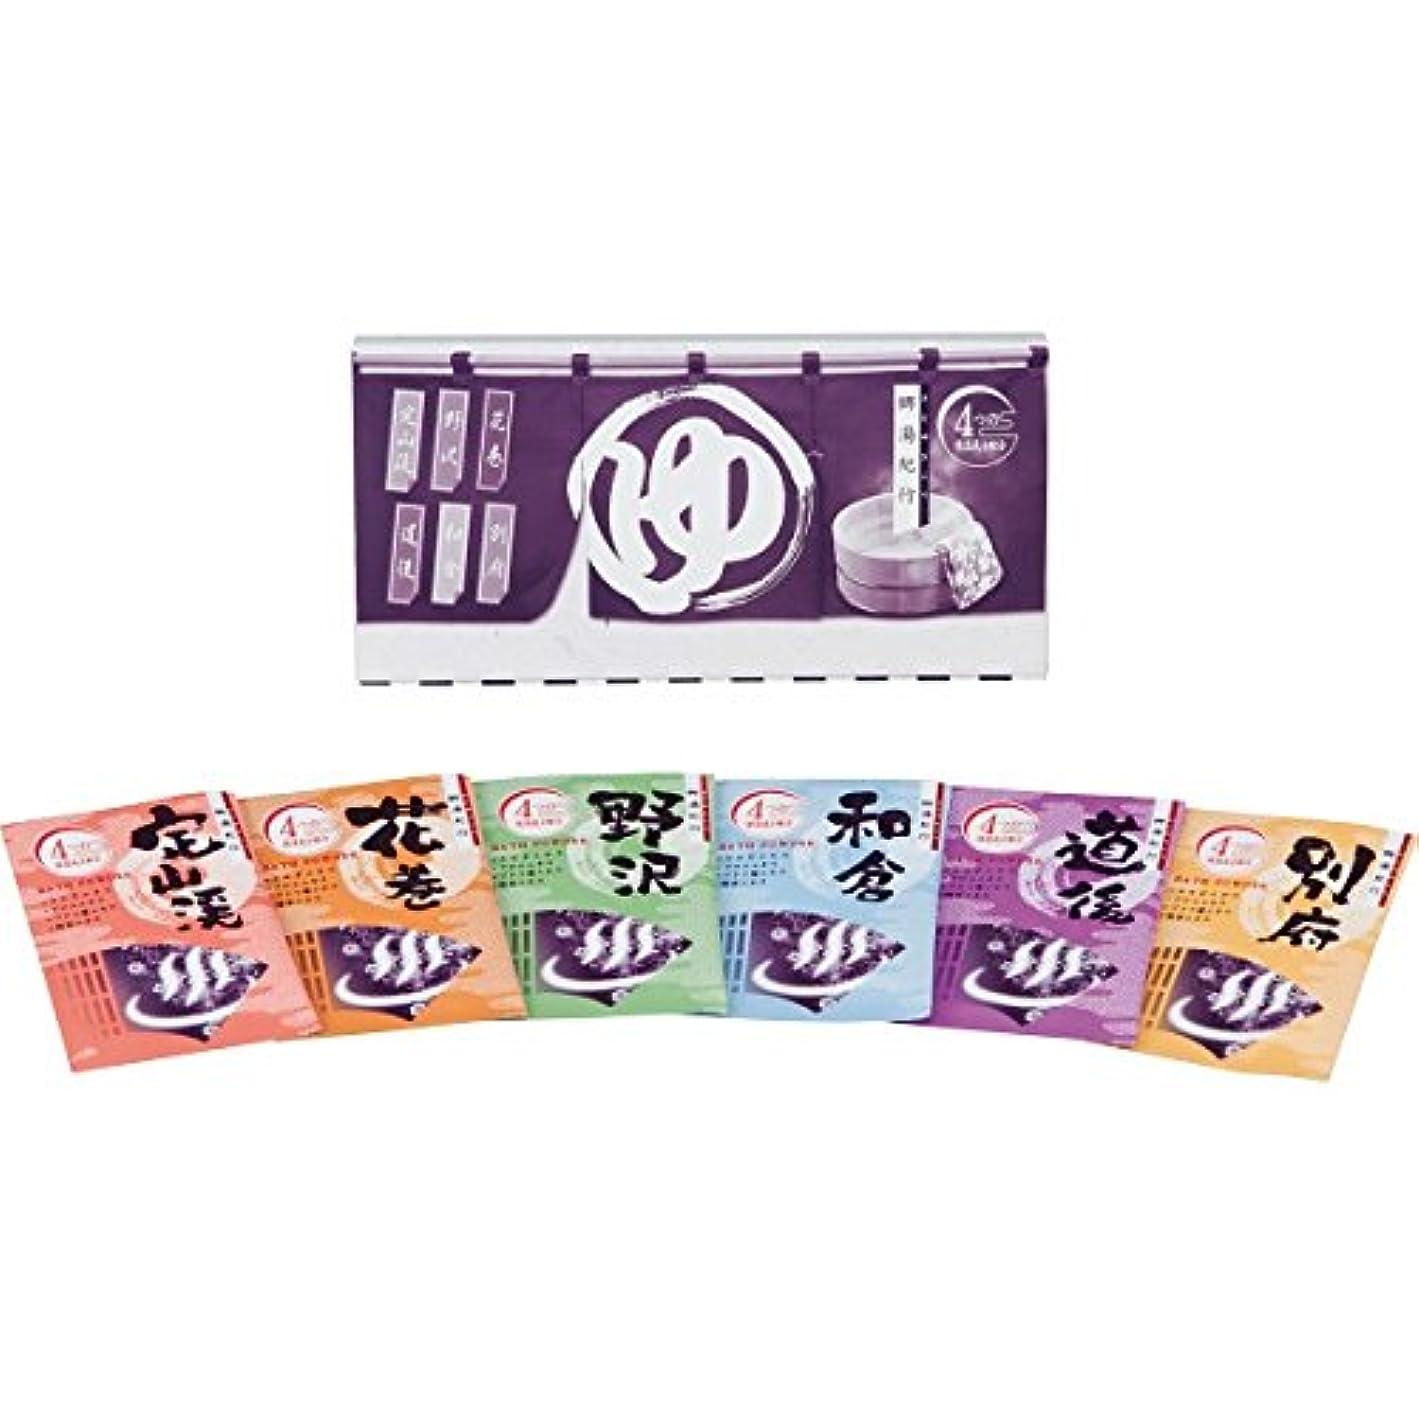 素人バナナさておき薬用入浴剤 郷湯紀行(6包入) 6SS506